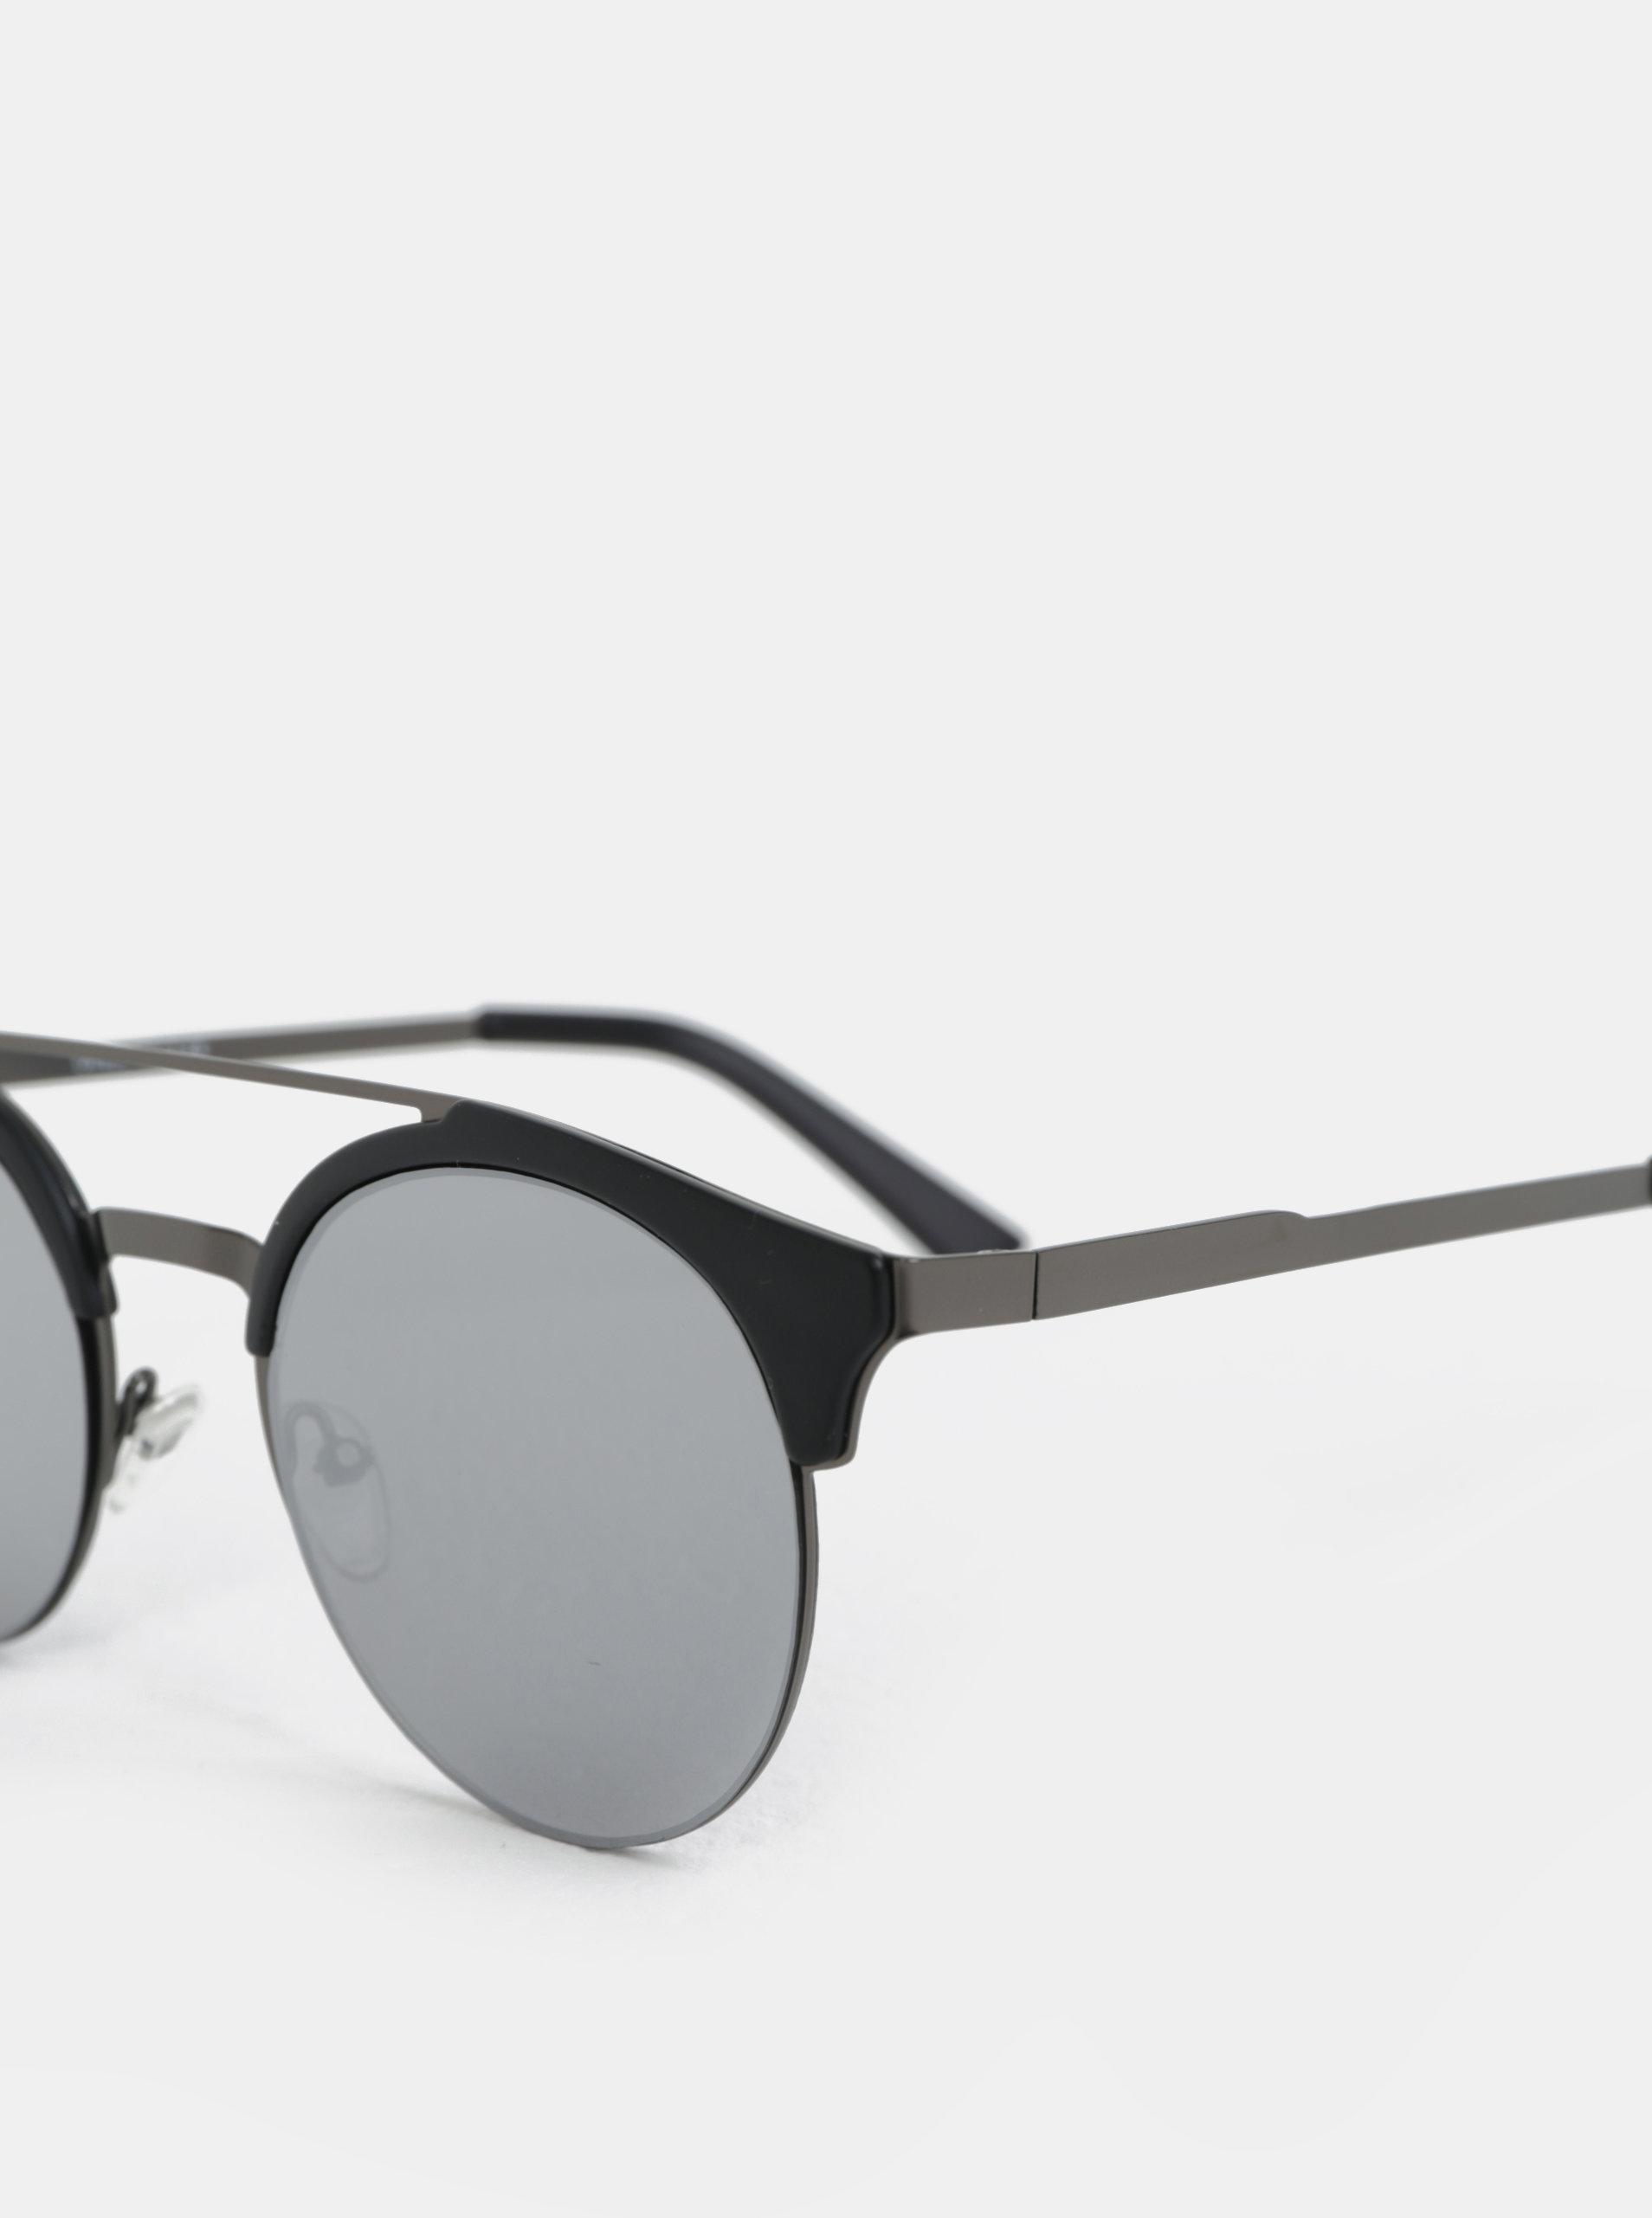 Čierne okrúhle slnečné okuliare ONLY   SONS Display ... 68def089a30